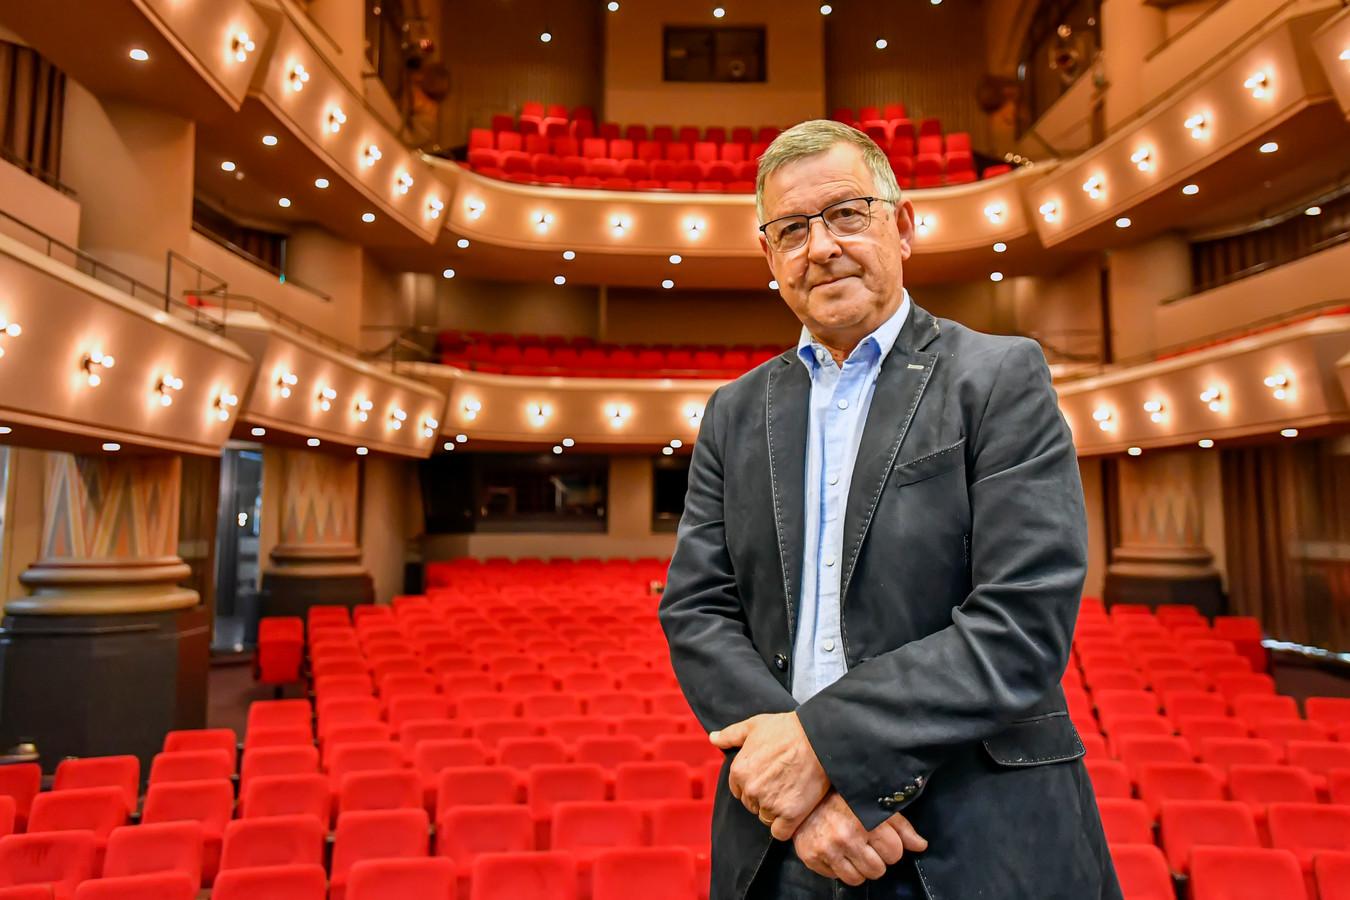 Cees Meijer in april 2020, net na de sluiting van stadsschouwburg De Maagd in Bergen op Zoom. 'Heel blij met het grote enthousiasme van het publiek. Ze missen ons en wij hen!'